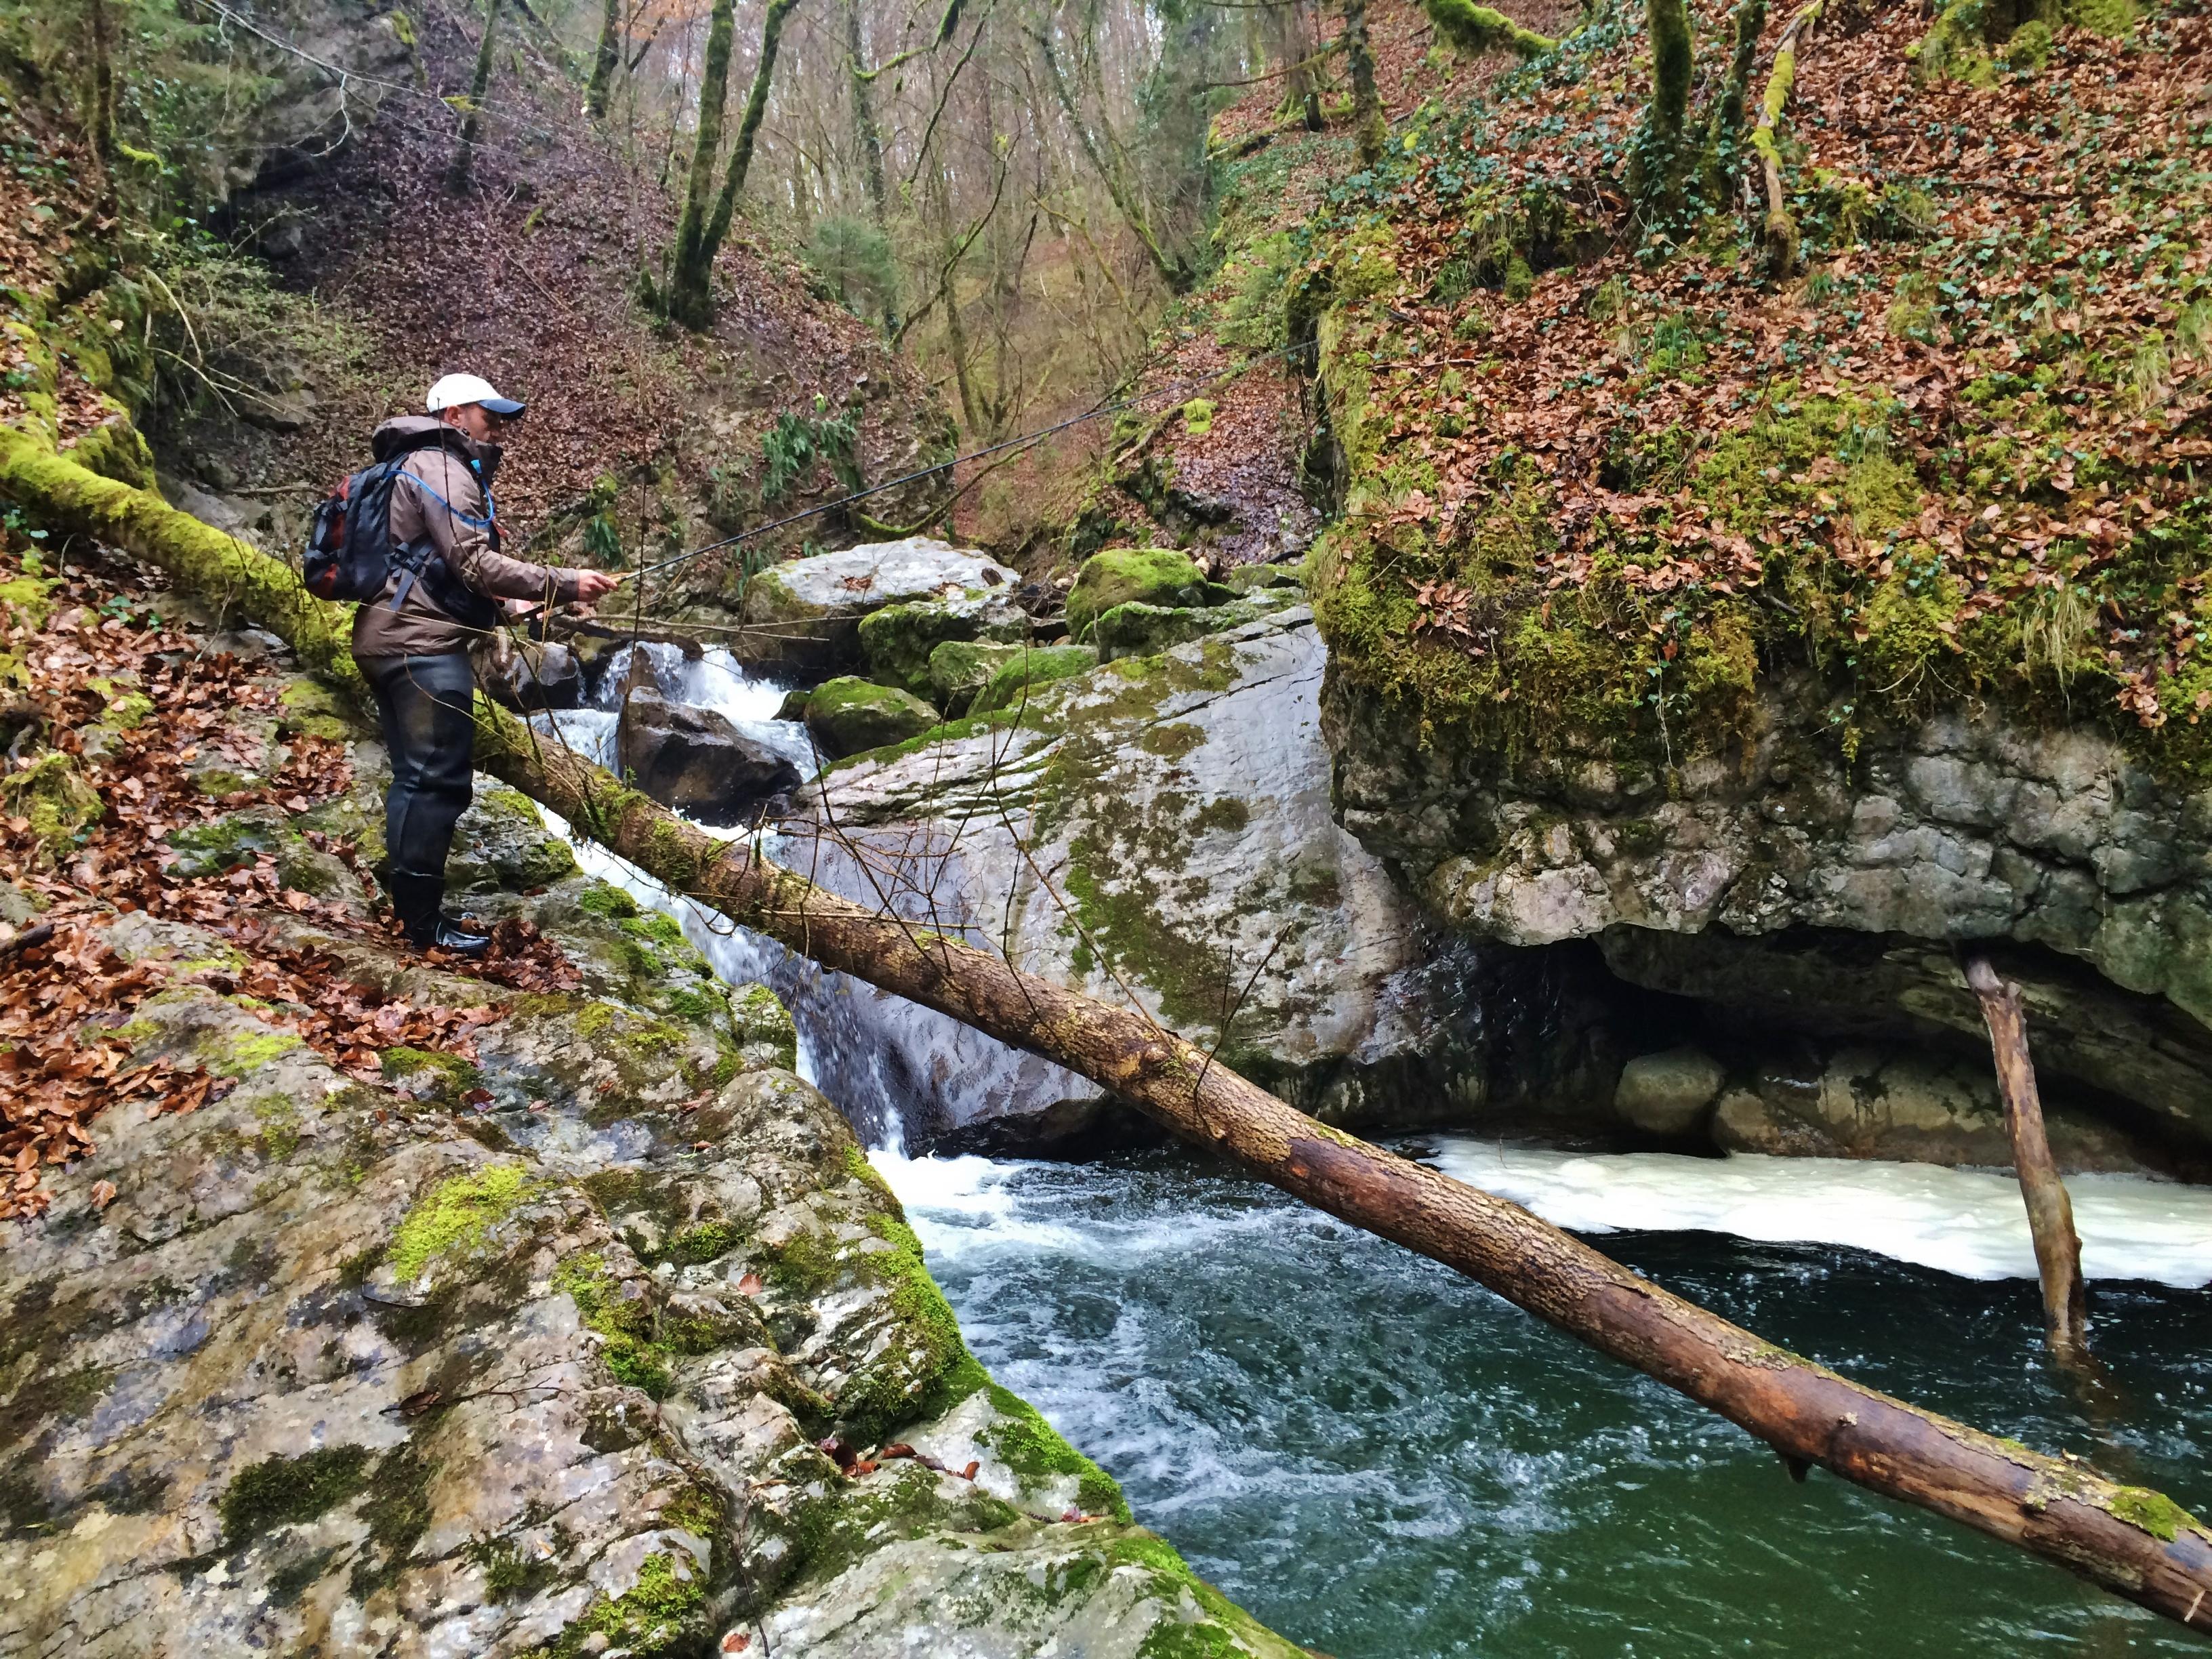 pêcheur en dérive naturelle sur le ruisseau de Ternèze en début de saison